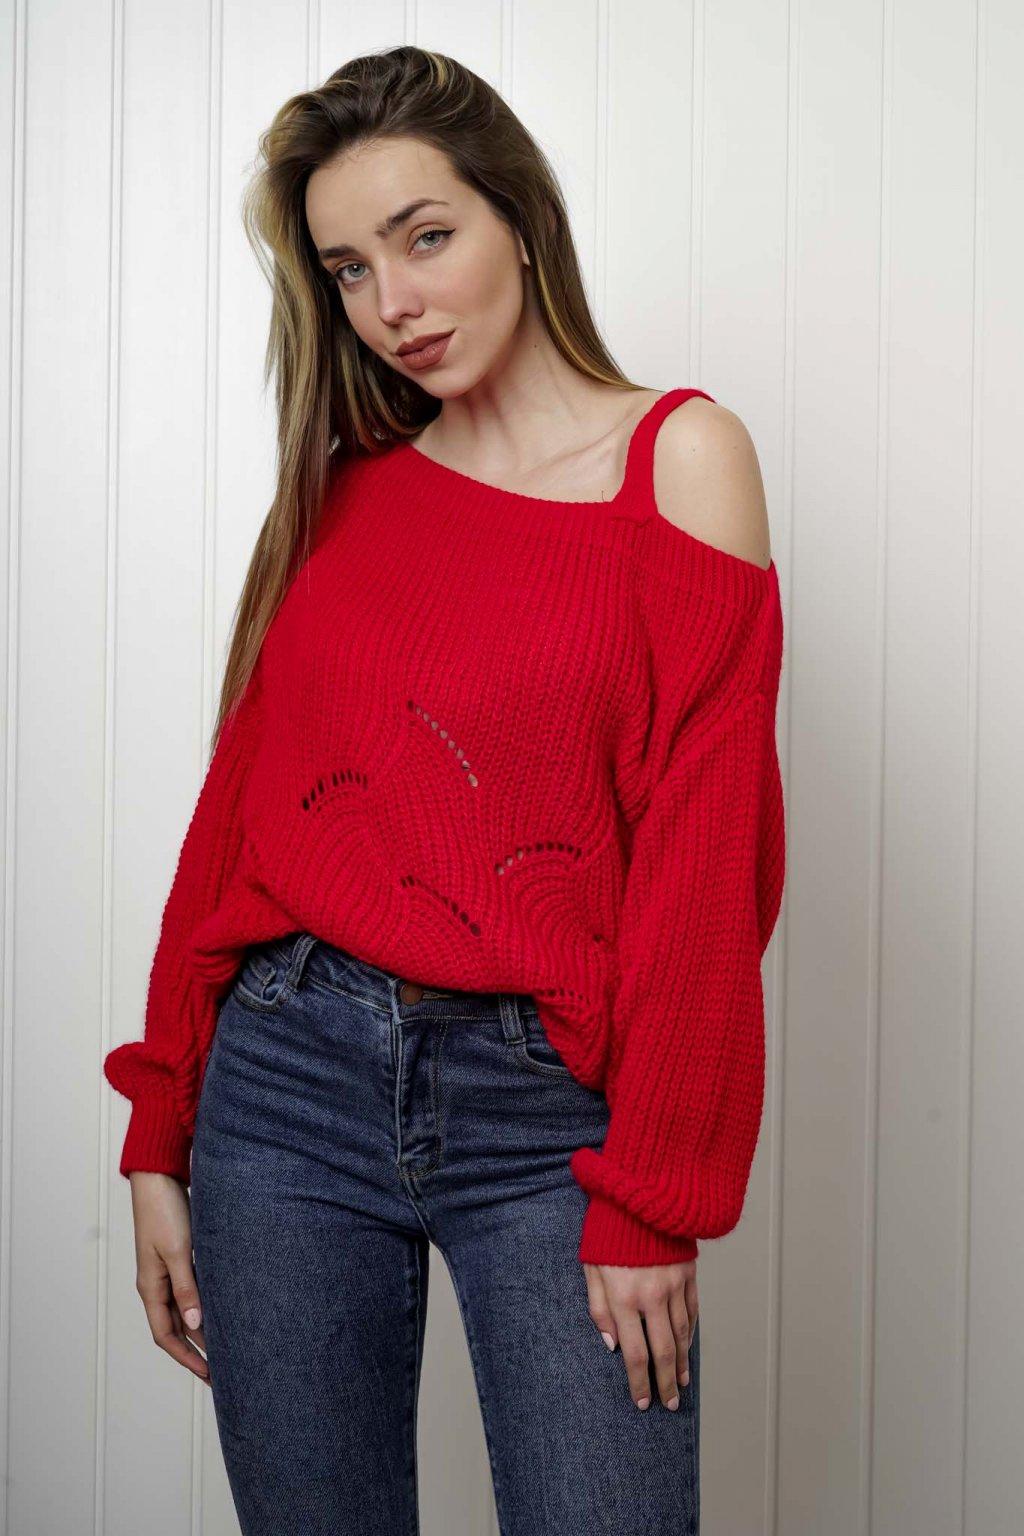 sveter, svetrík, sveter dámsky, úplet, úpletový sveter, jednoduchý sveter, v výstríh, štýlový, chlpatý,vzorovaný, srdiečkový, čierny, biely, farebný, 129